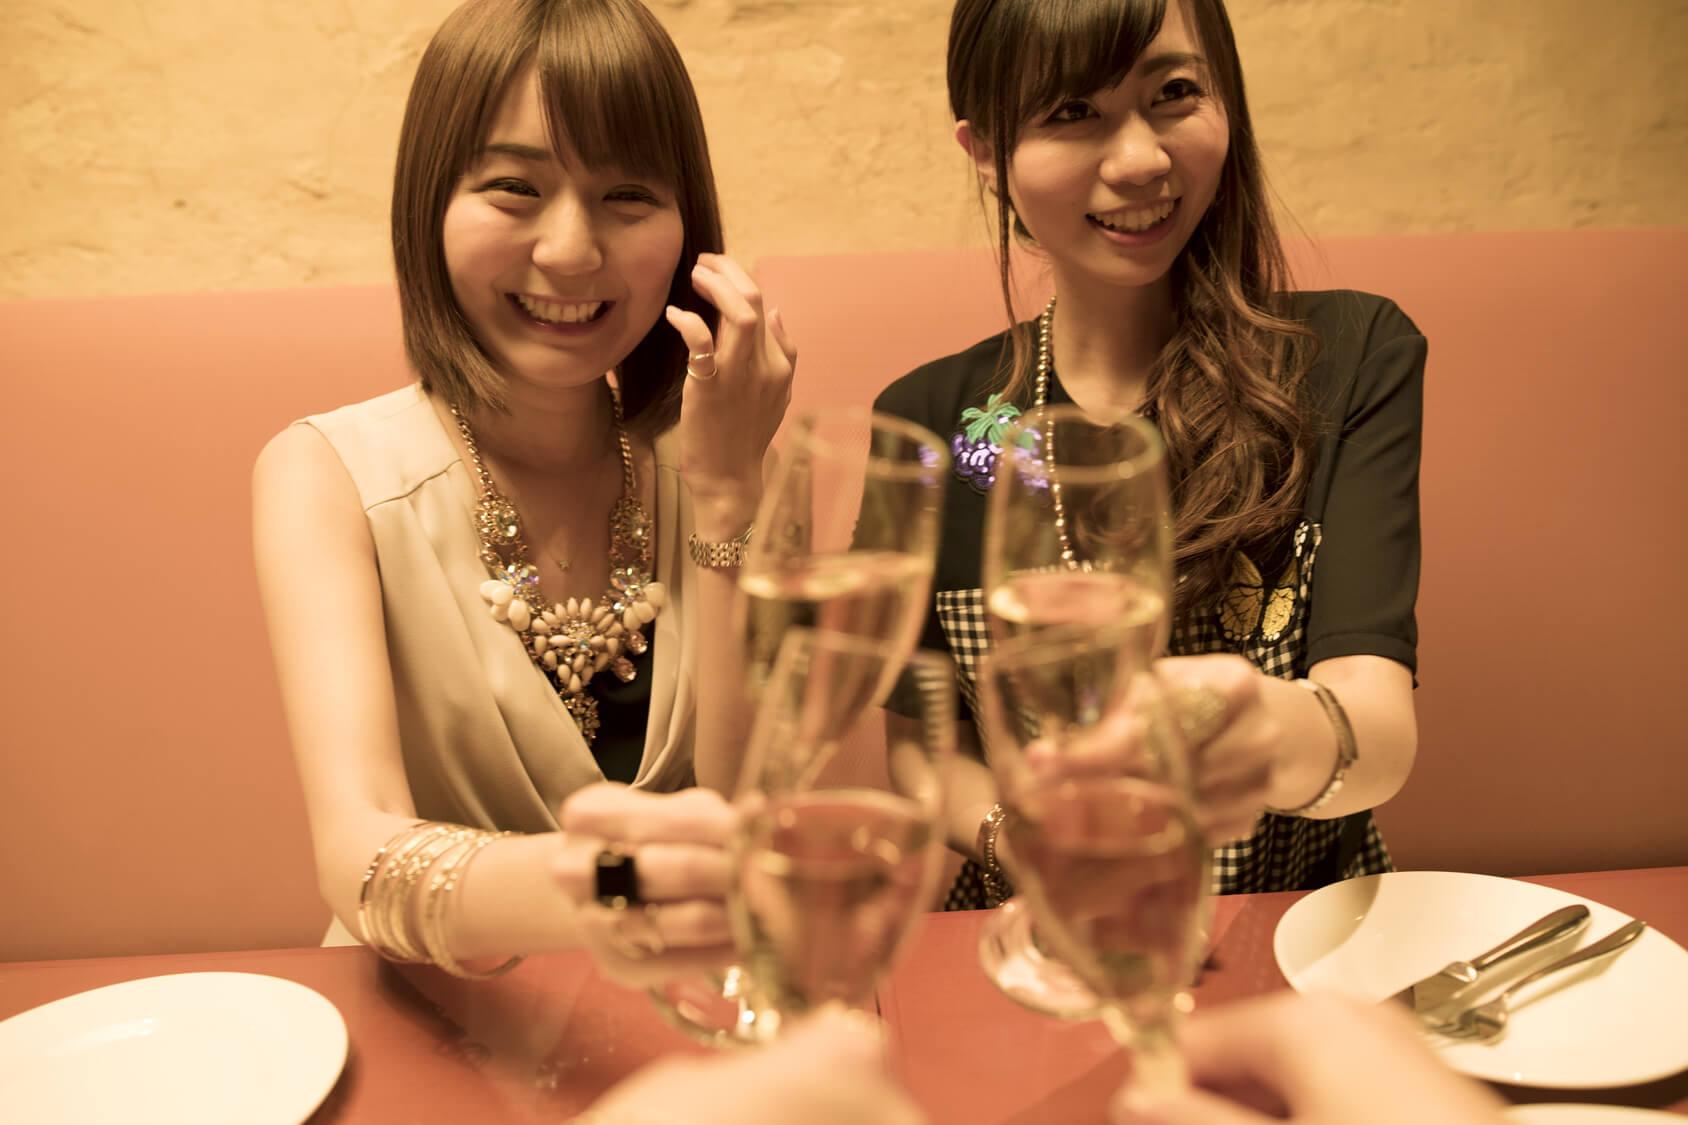 女性2人と乾杯する写真